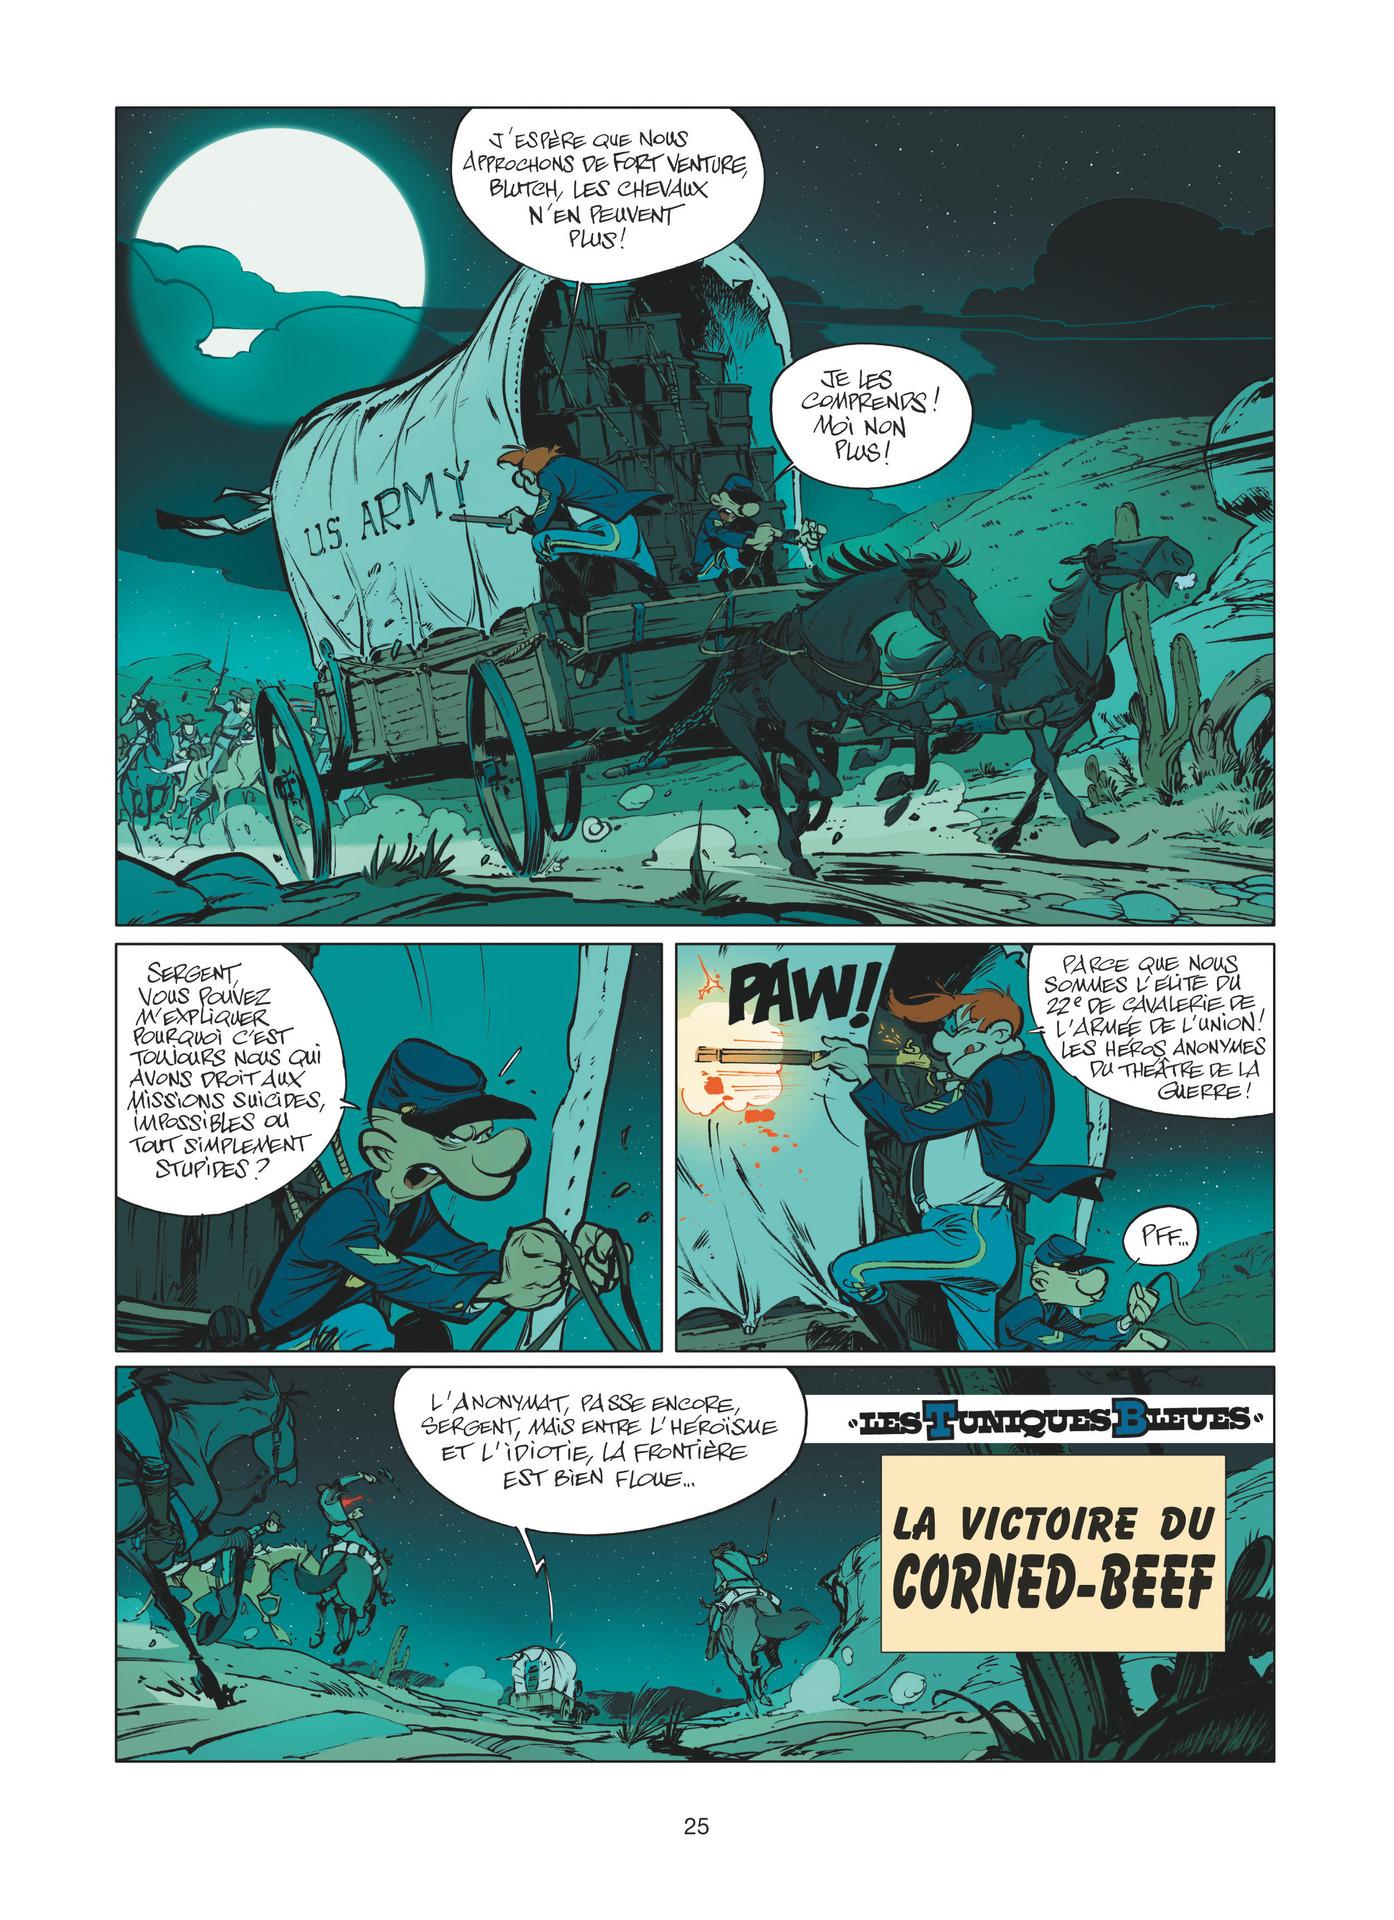 """Première page de """"La Victoire du corned-beef"""" par Munuera, hommage publié en 2016 dans un ouvrage collectif."""